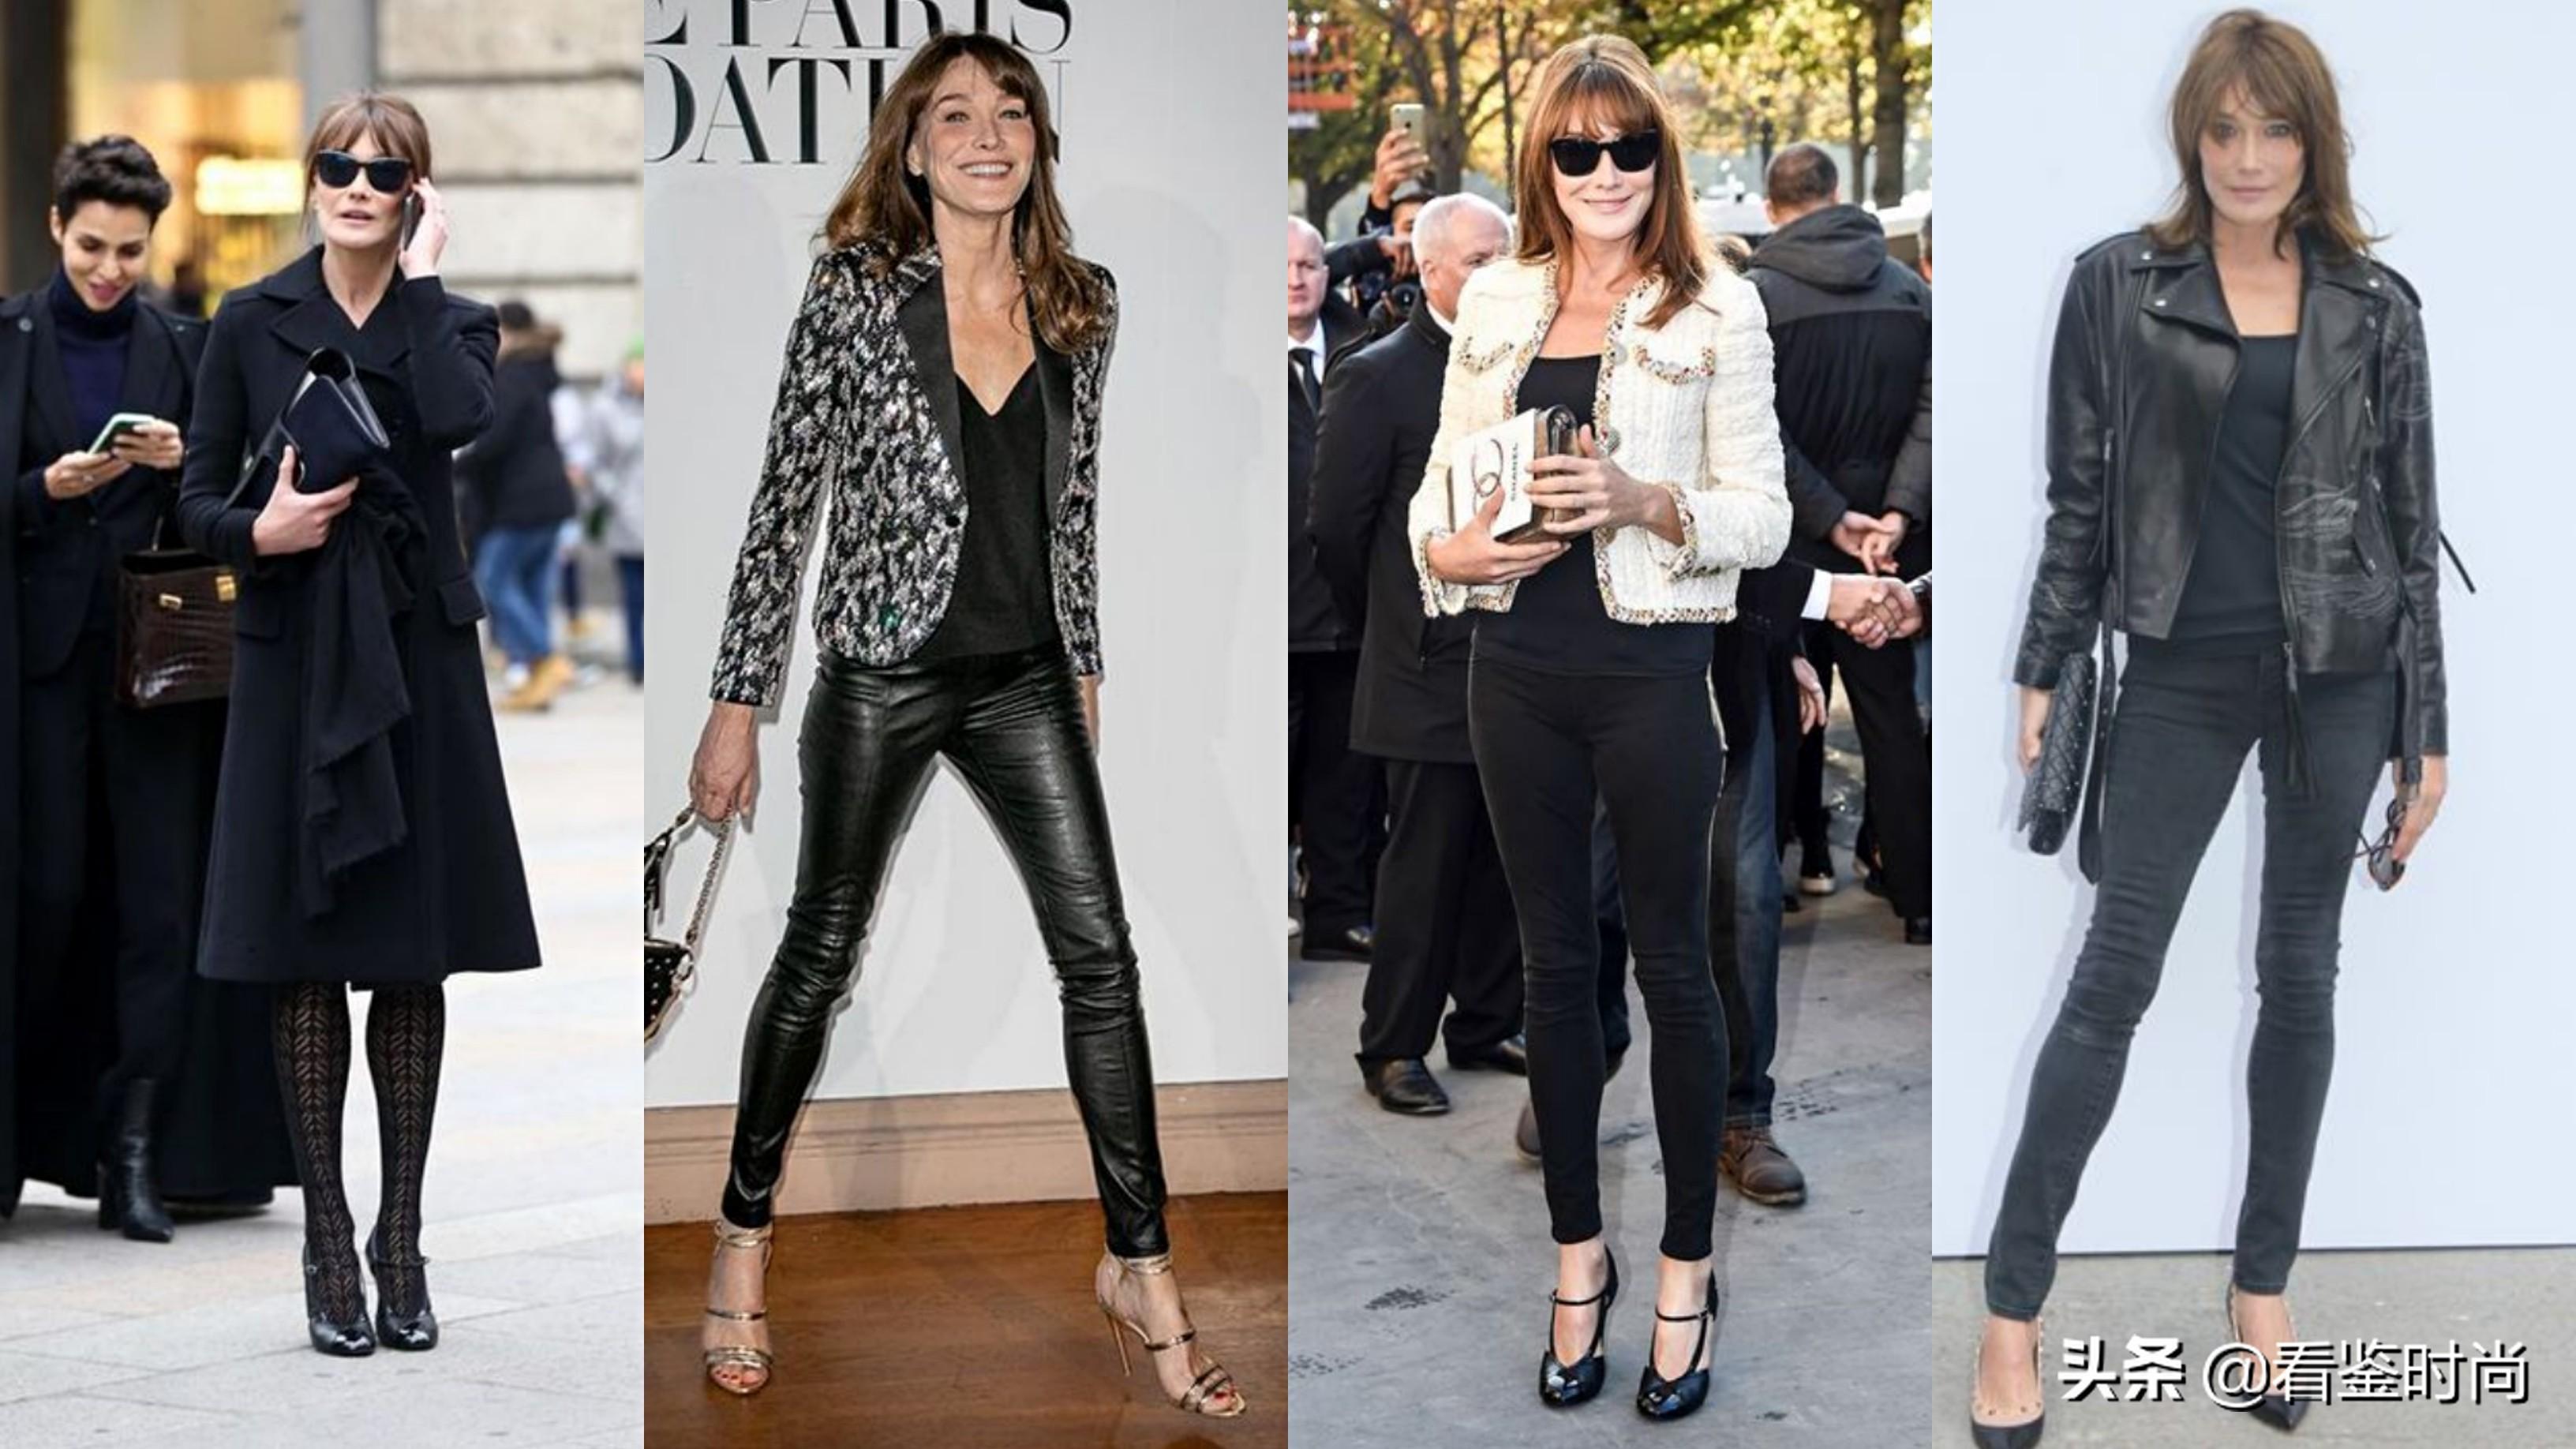 10位40岁以上的极品法国女人,她们才是真正的风格偶像